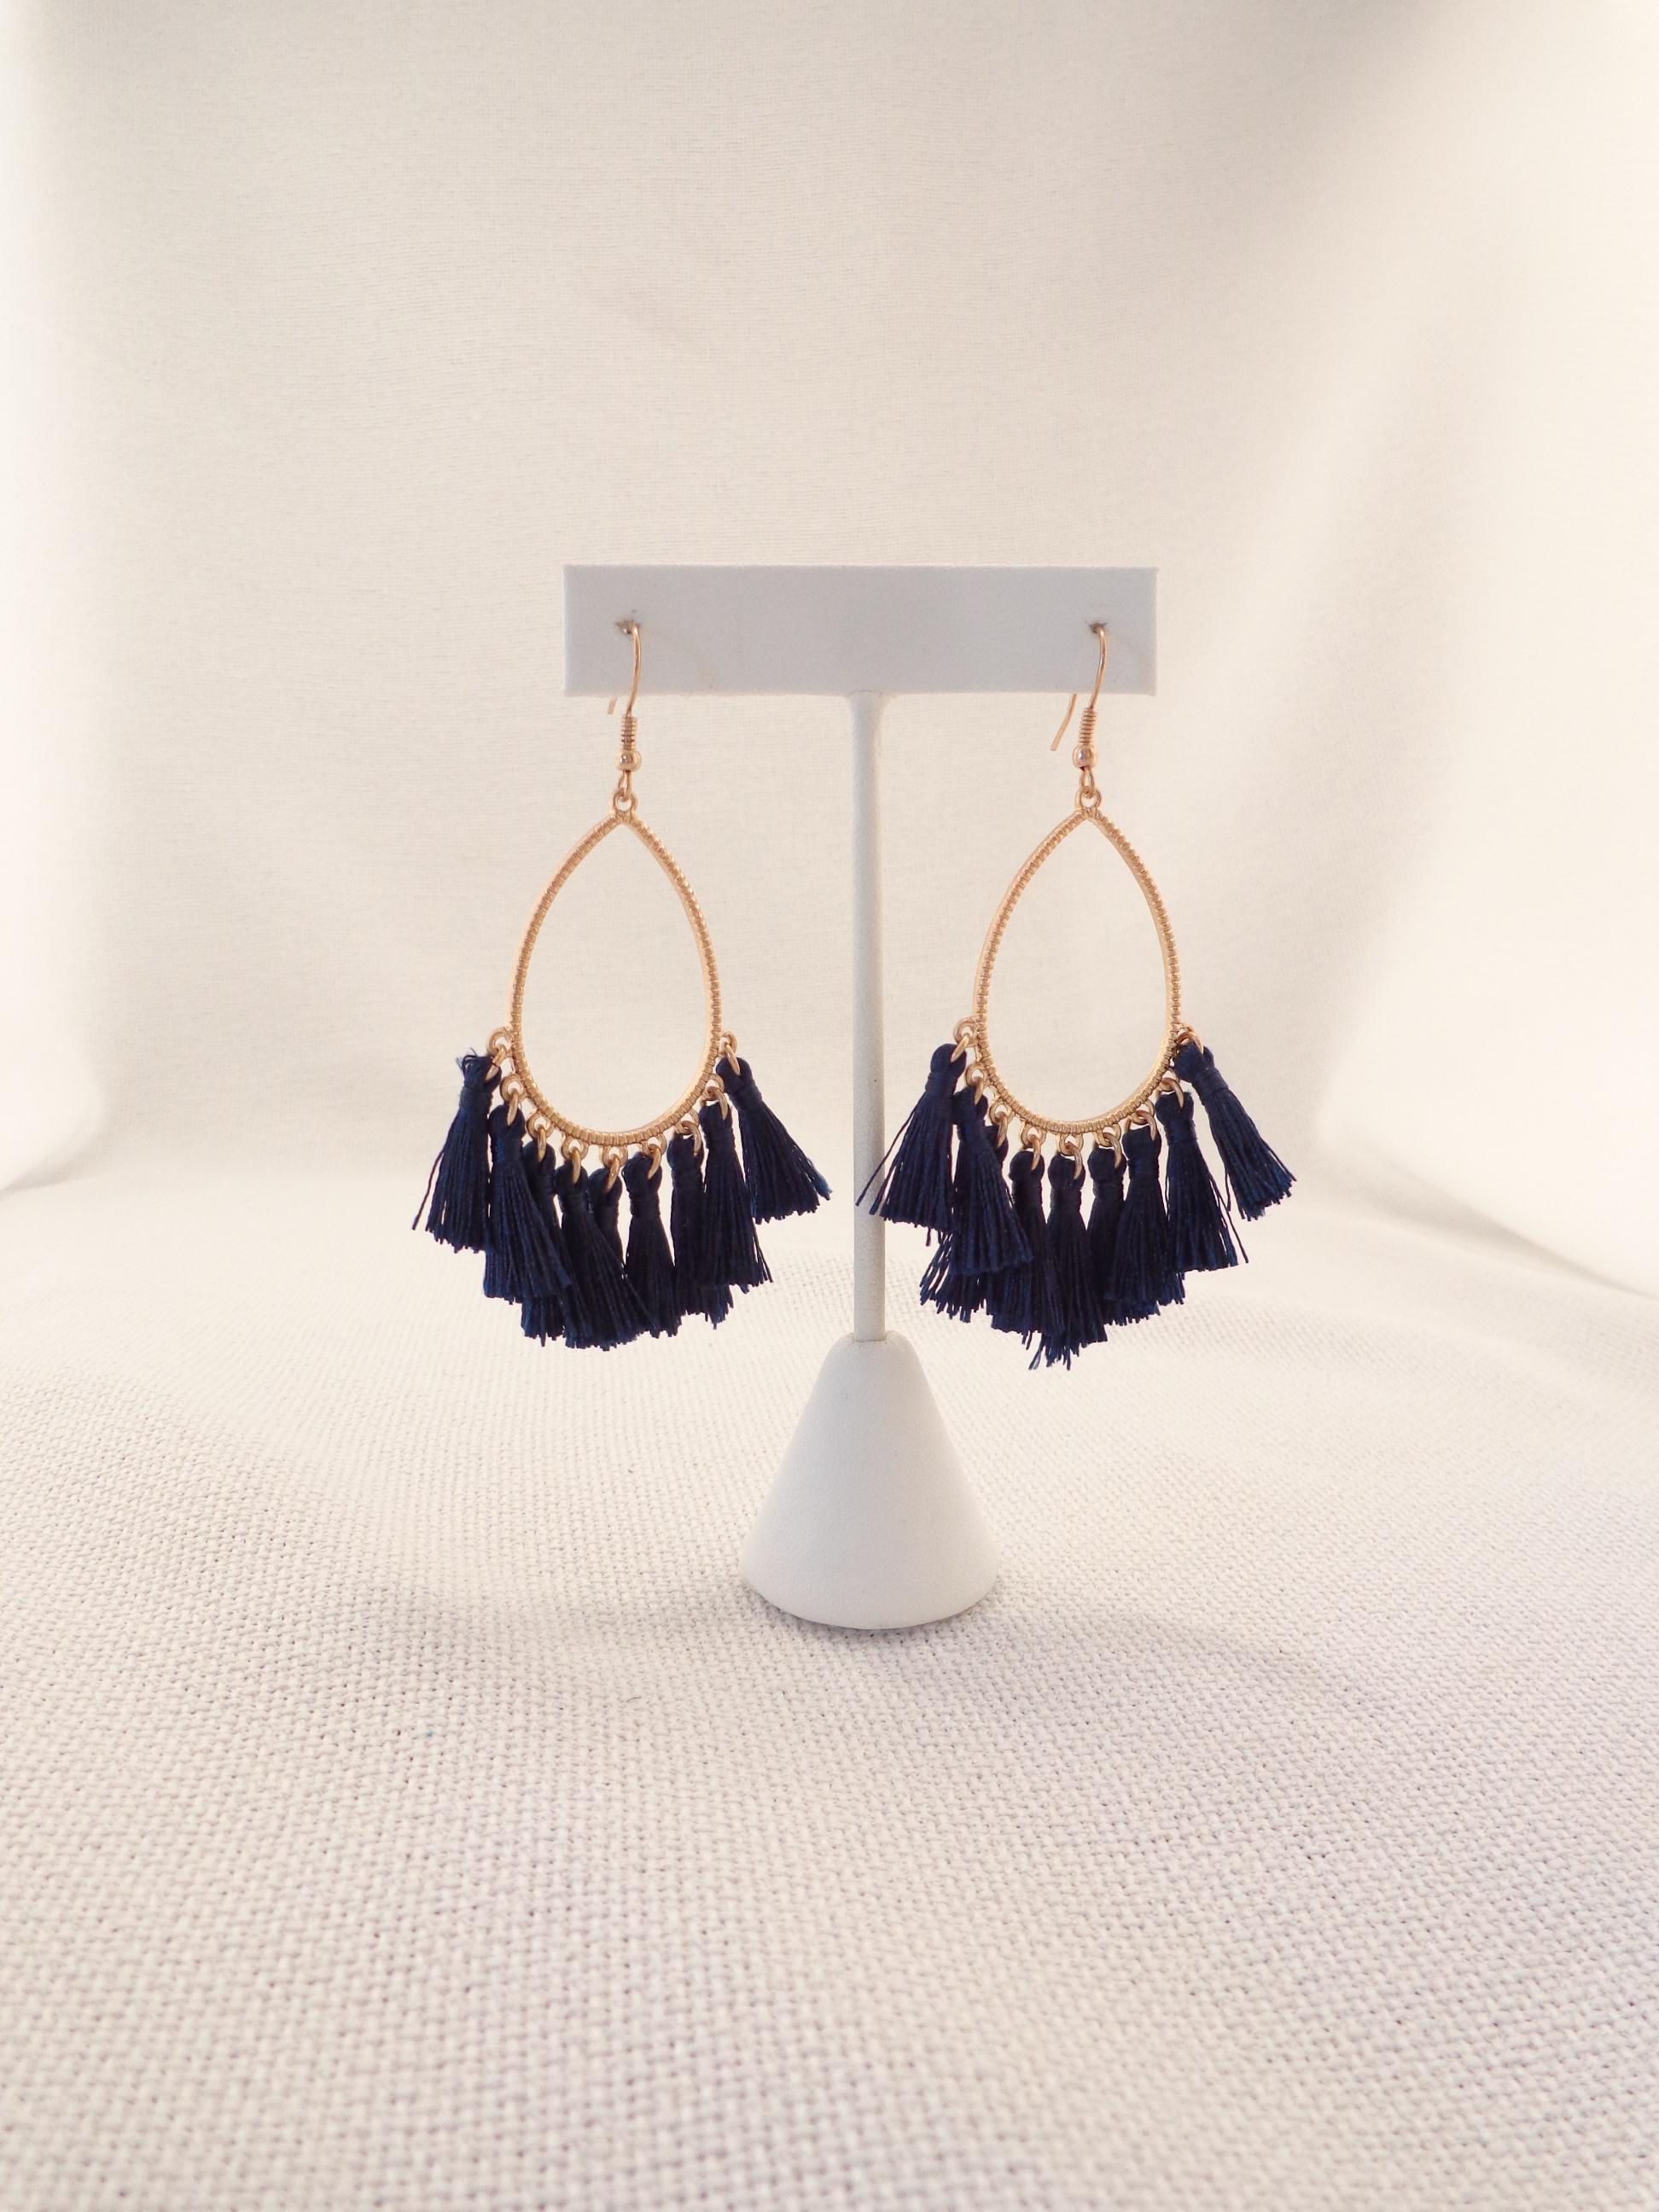 a6dc8e816ccc0a Teardrop Tassel Earrings - Navy Blue | Lydia Lister Jewelry